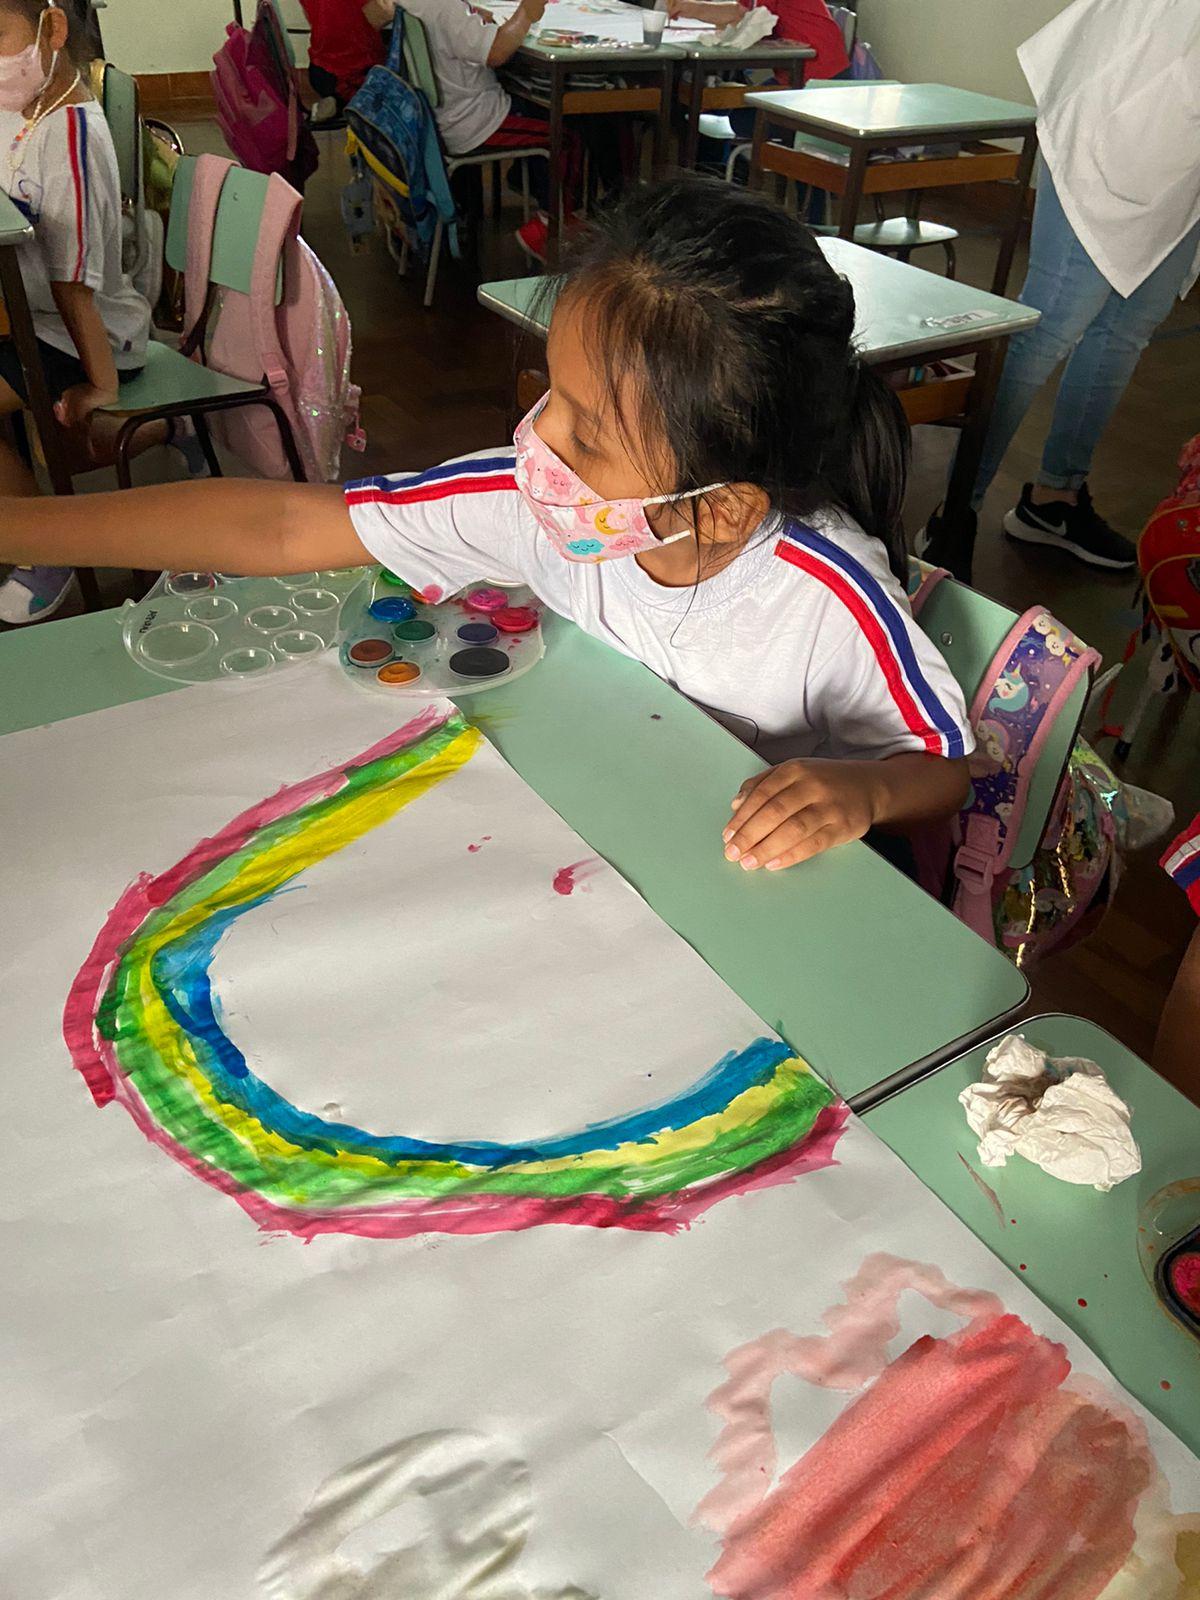 Inspirados em clássico do cinema, Infantil 3 cria pinturas para decorar a sala de aulqa